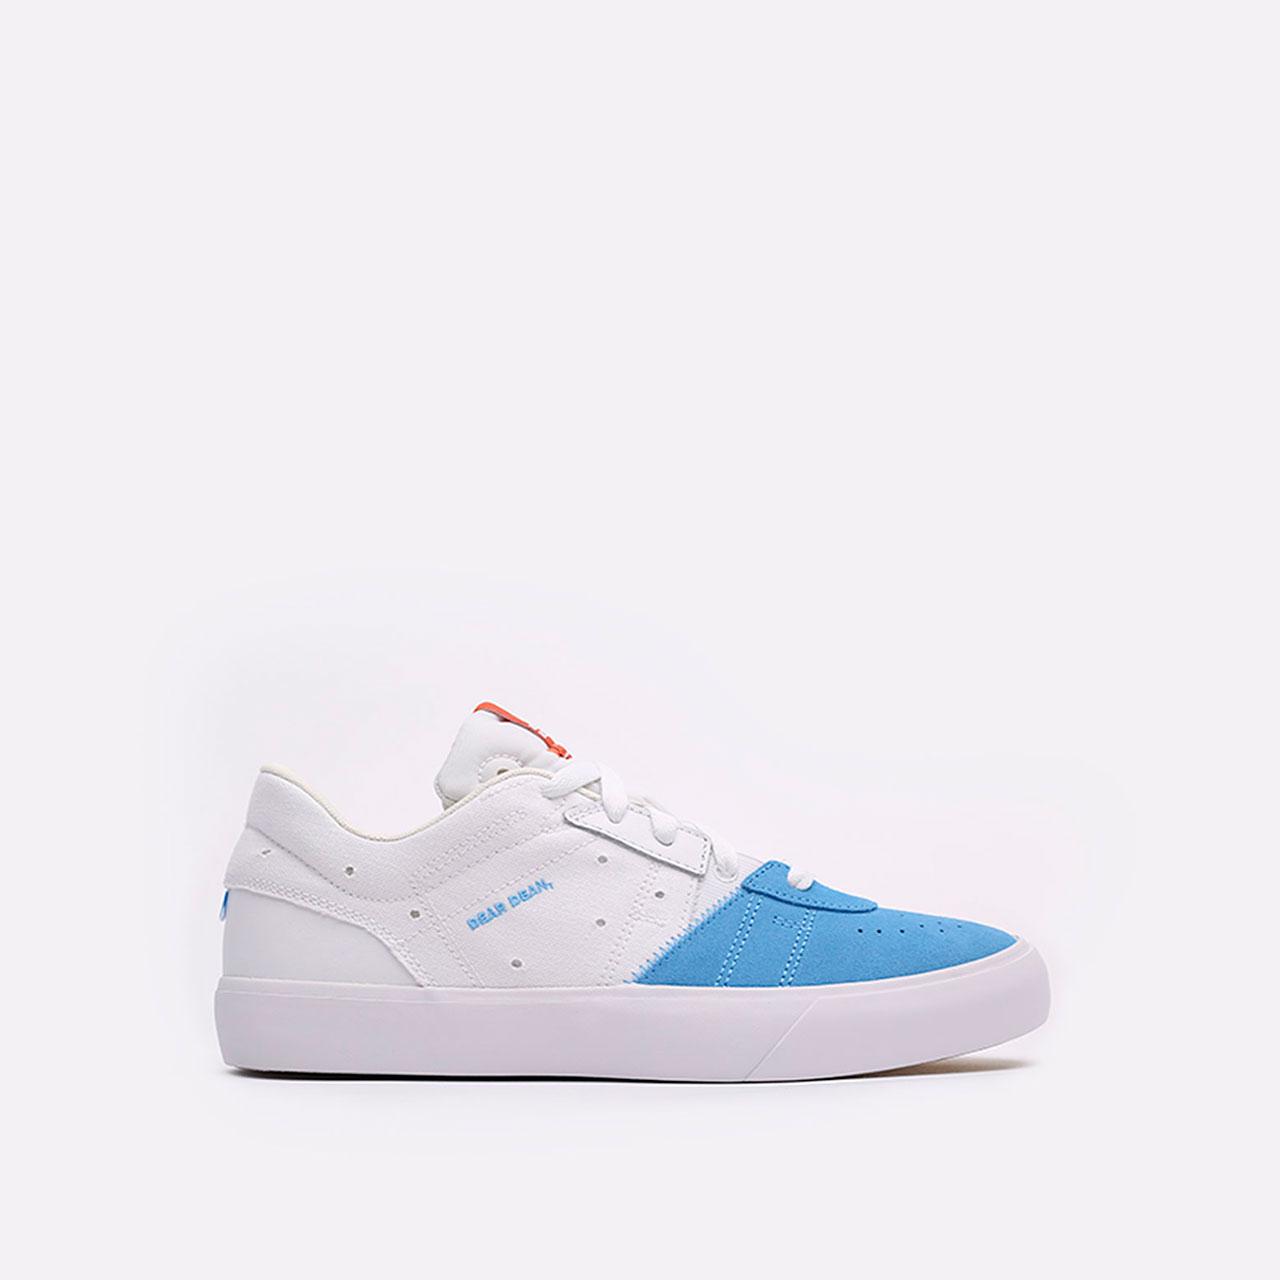 мужские голубые, белые  кроссовки jordan series.02 DJ0417-100 - цена, описание, фото 1